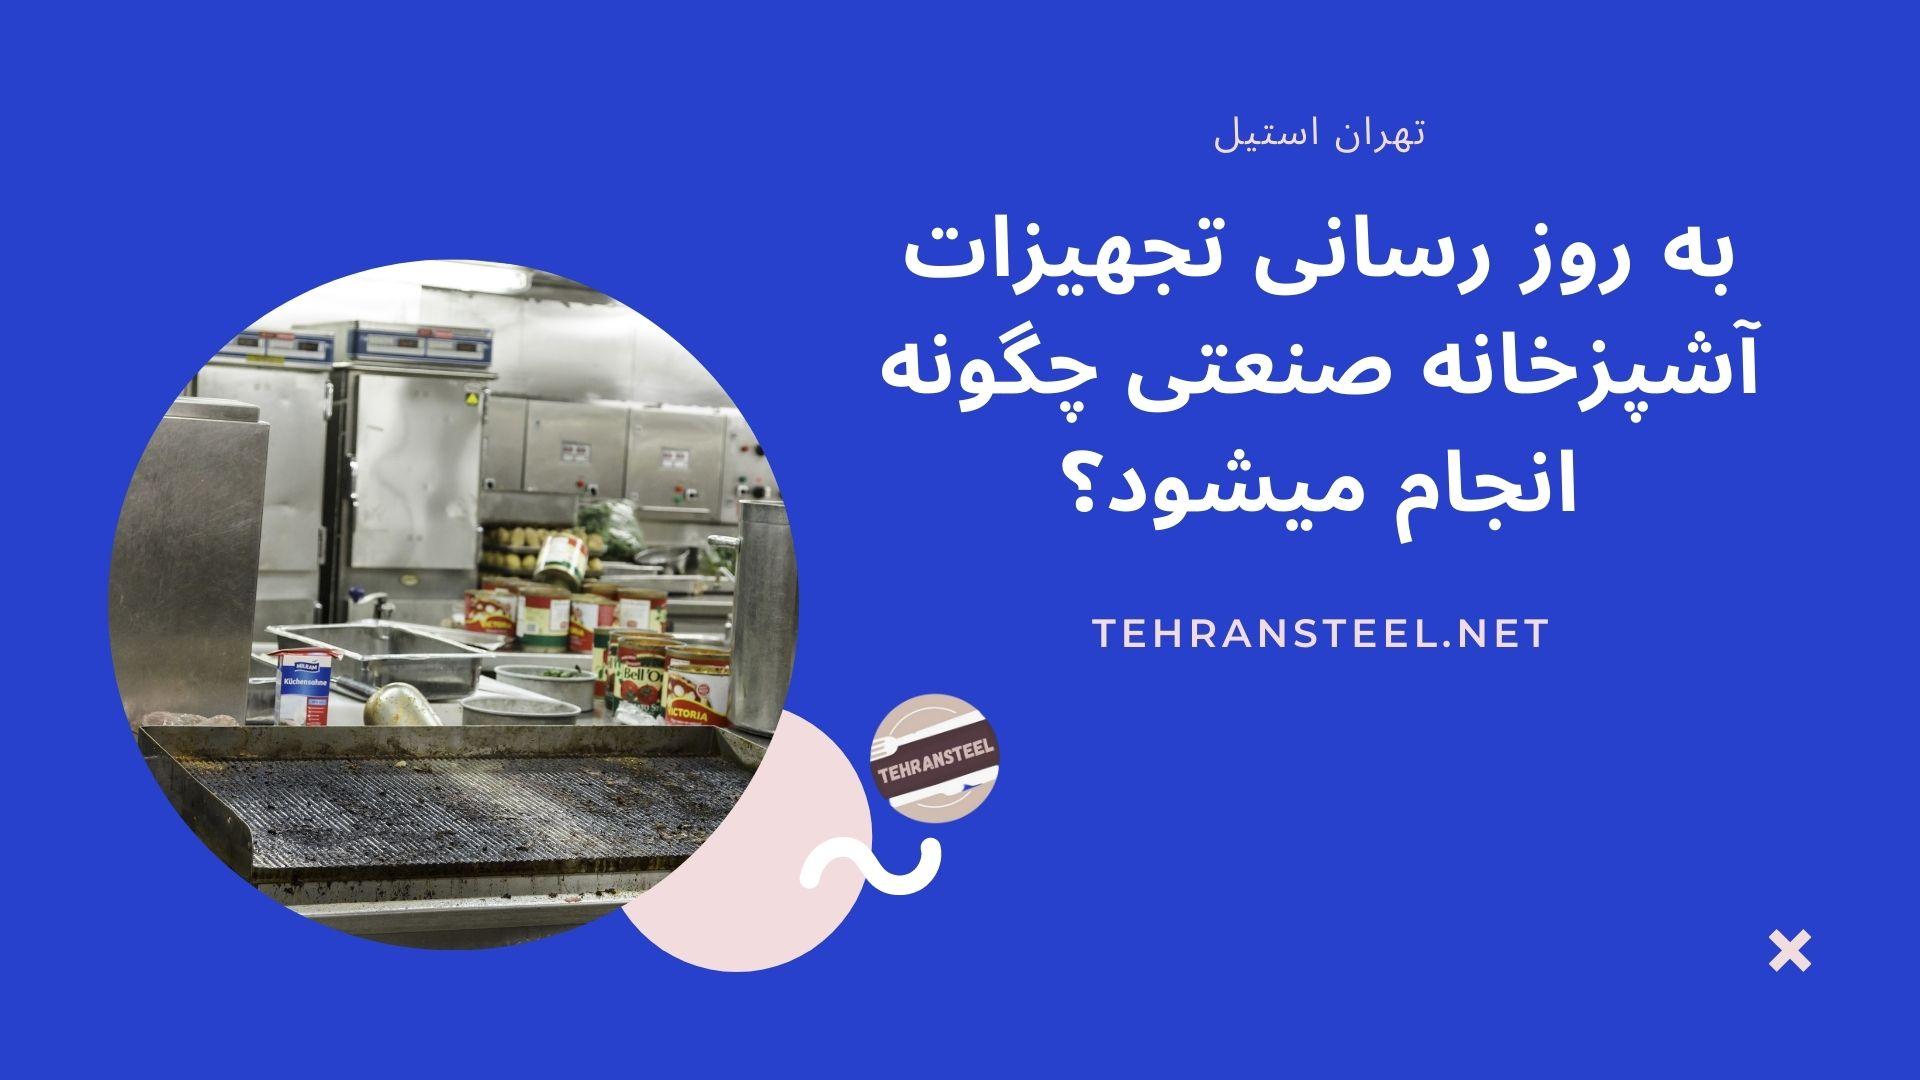 به روز رسانی تجهیزات آشپزخانه صنعتی چگونه انجام میشود؟